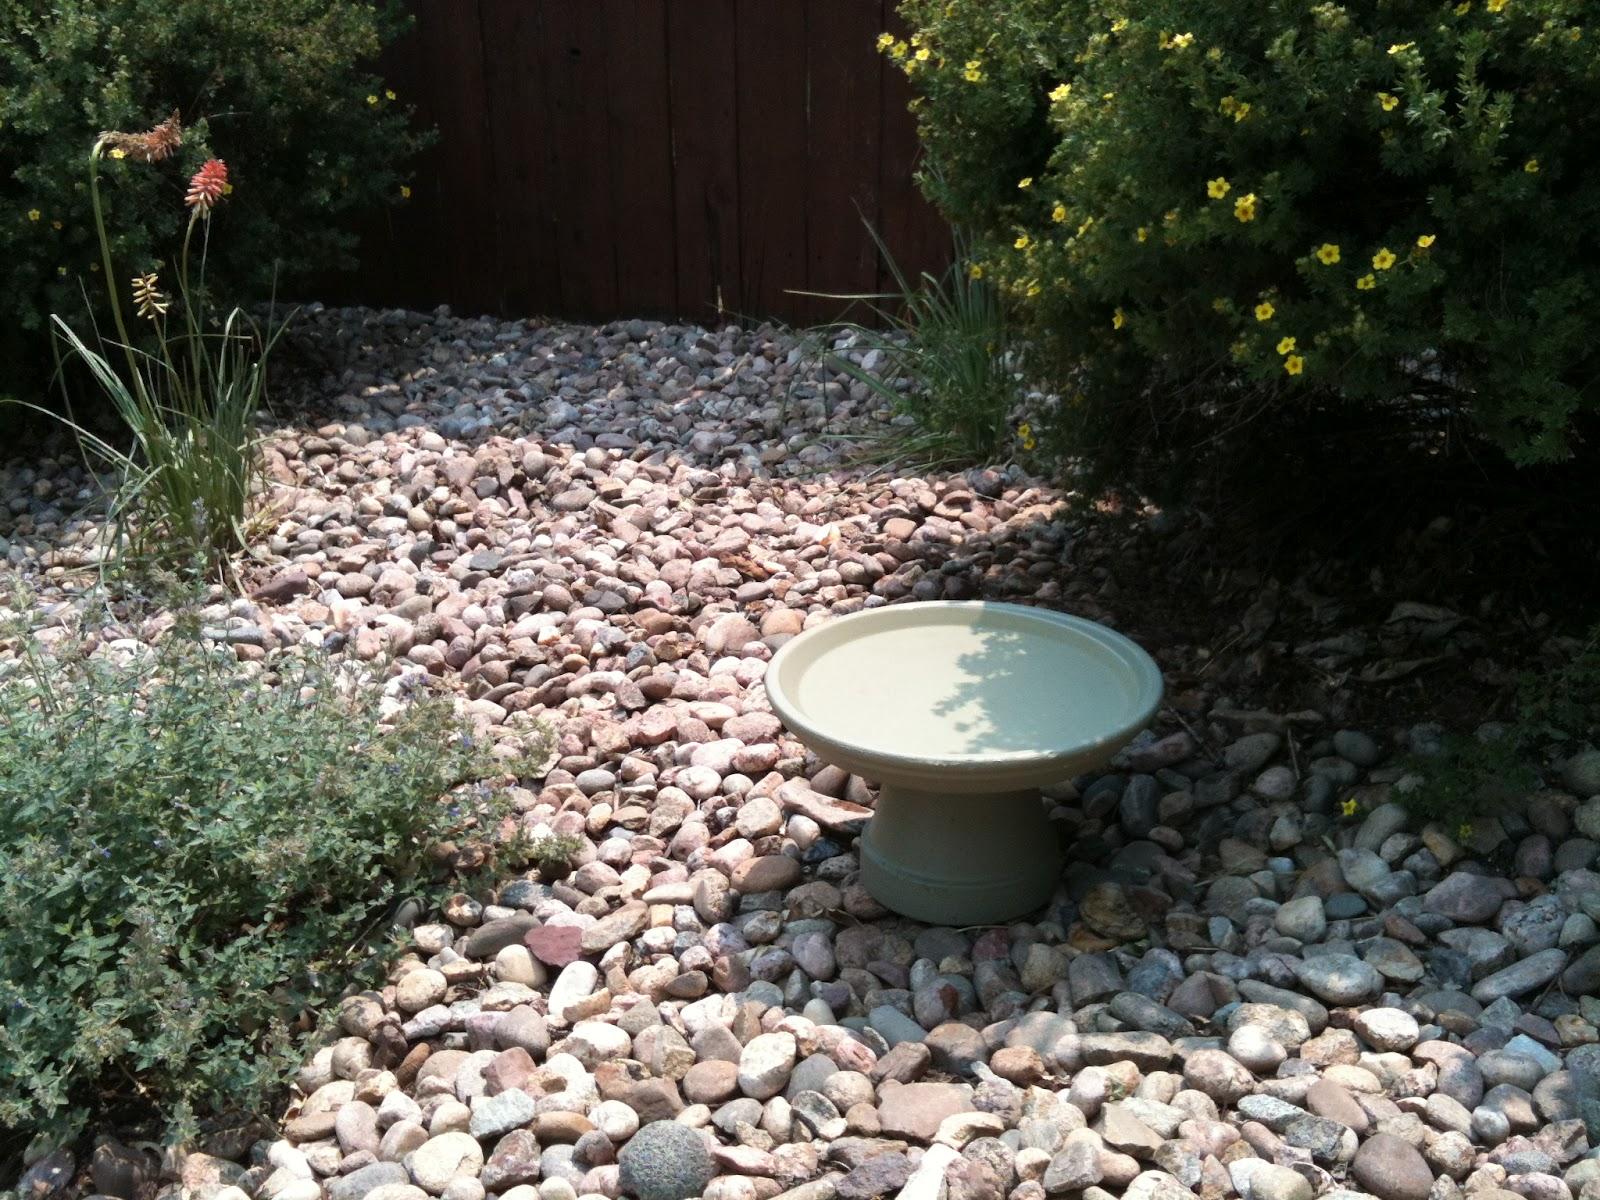 Small Water Garden Needs No Electricity Just Place Pots: Bright Beginnings ~*~: Homemade Bird Bath